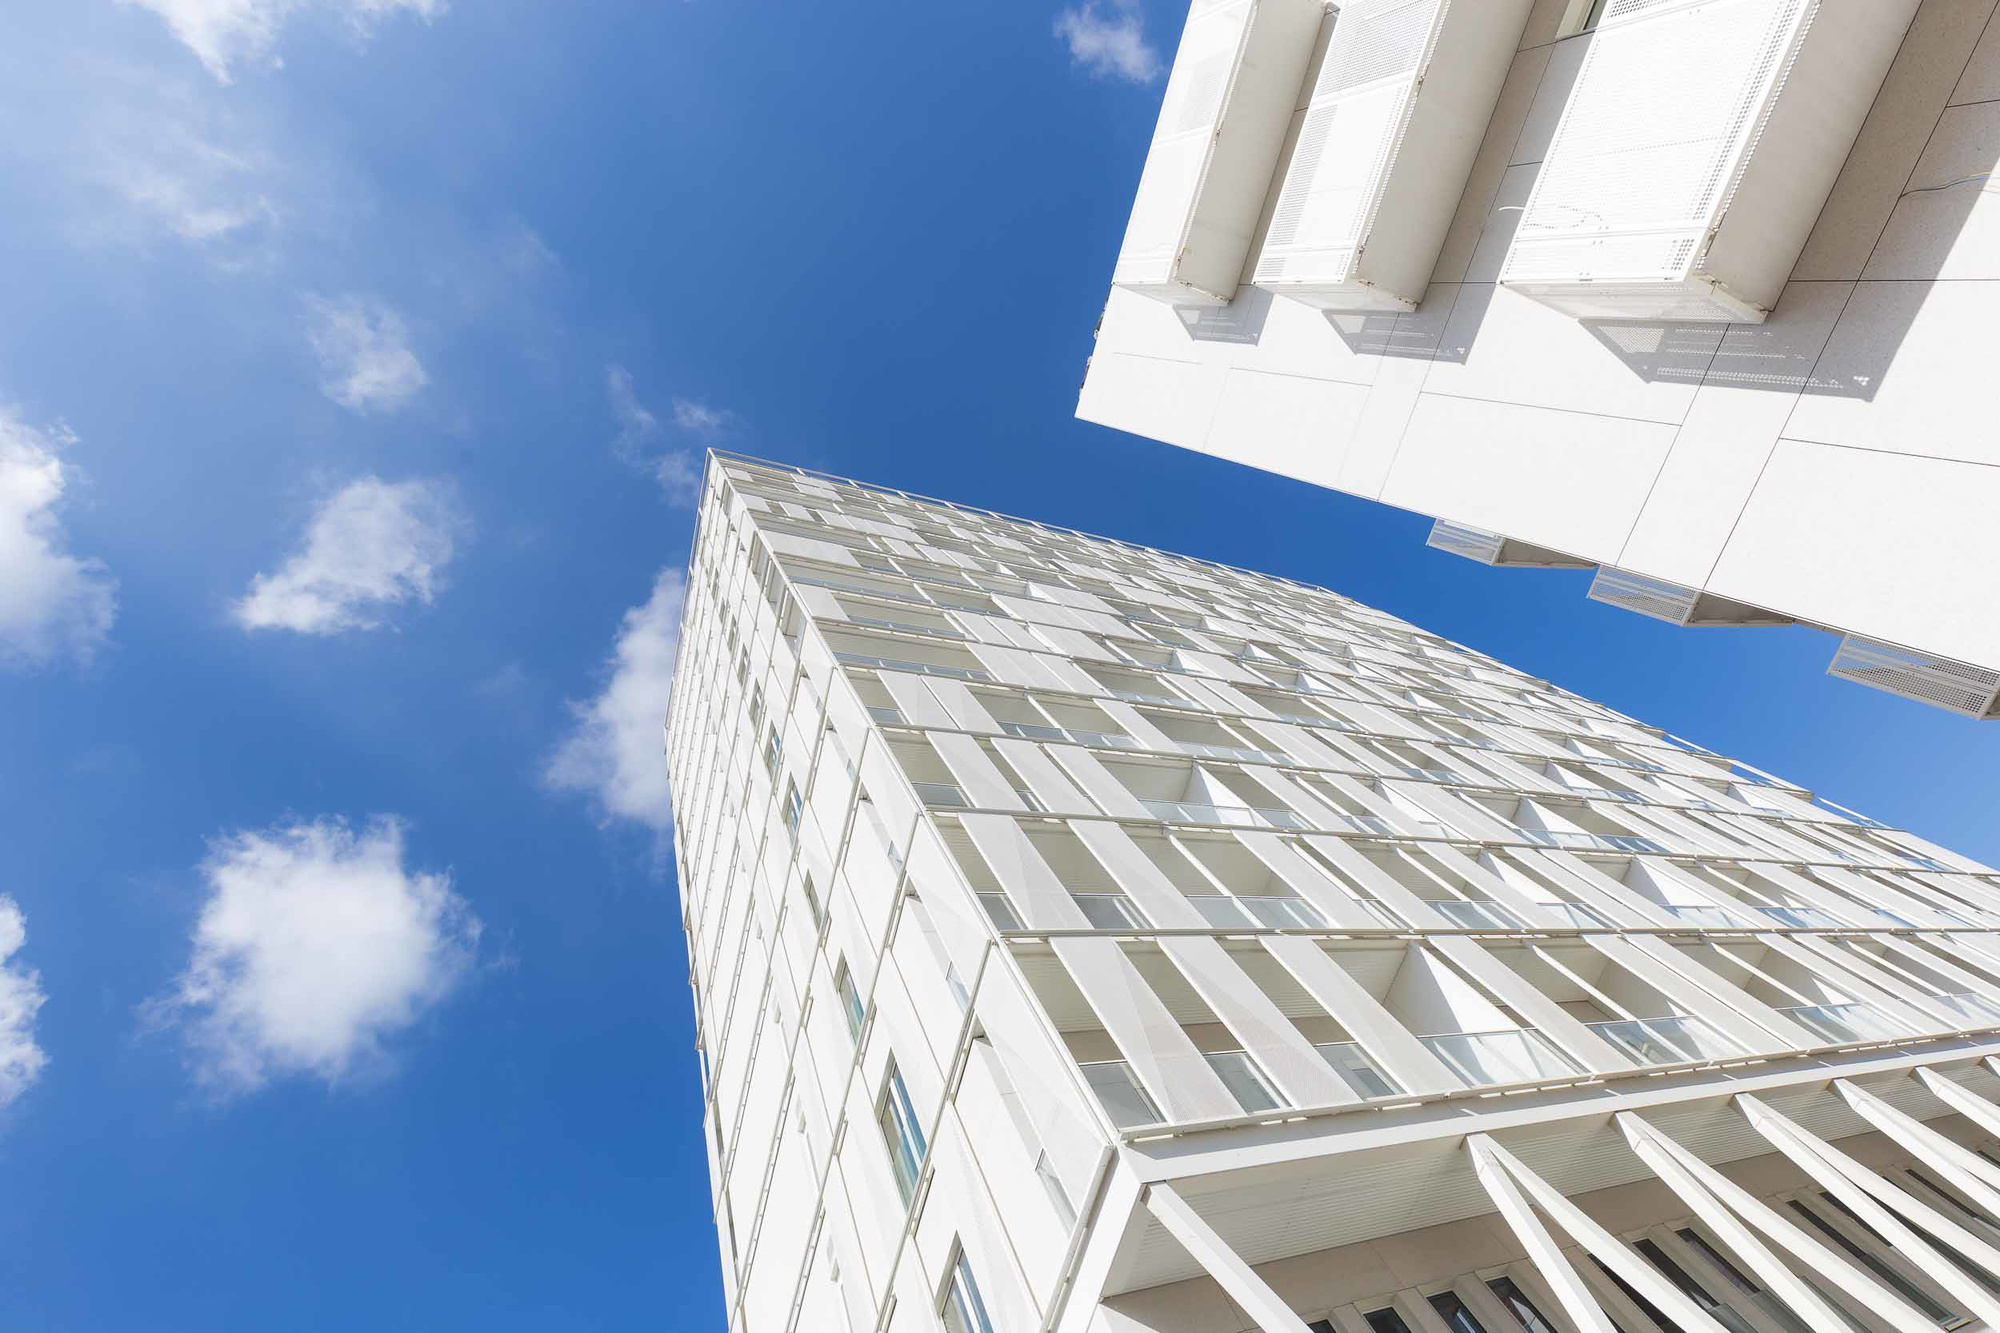 Besix Red pour l'immeuble résidentiel The Cosmopolitan situé à Bruxelles-Ville, (Bogdan & Van Broeck)